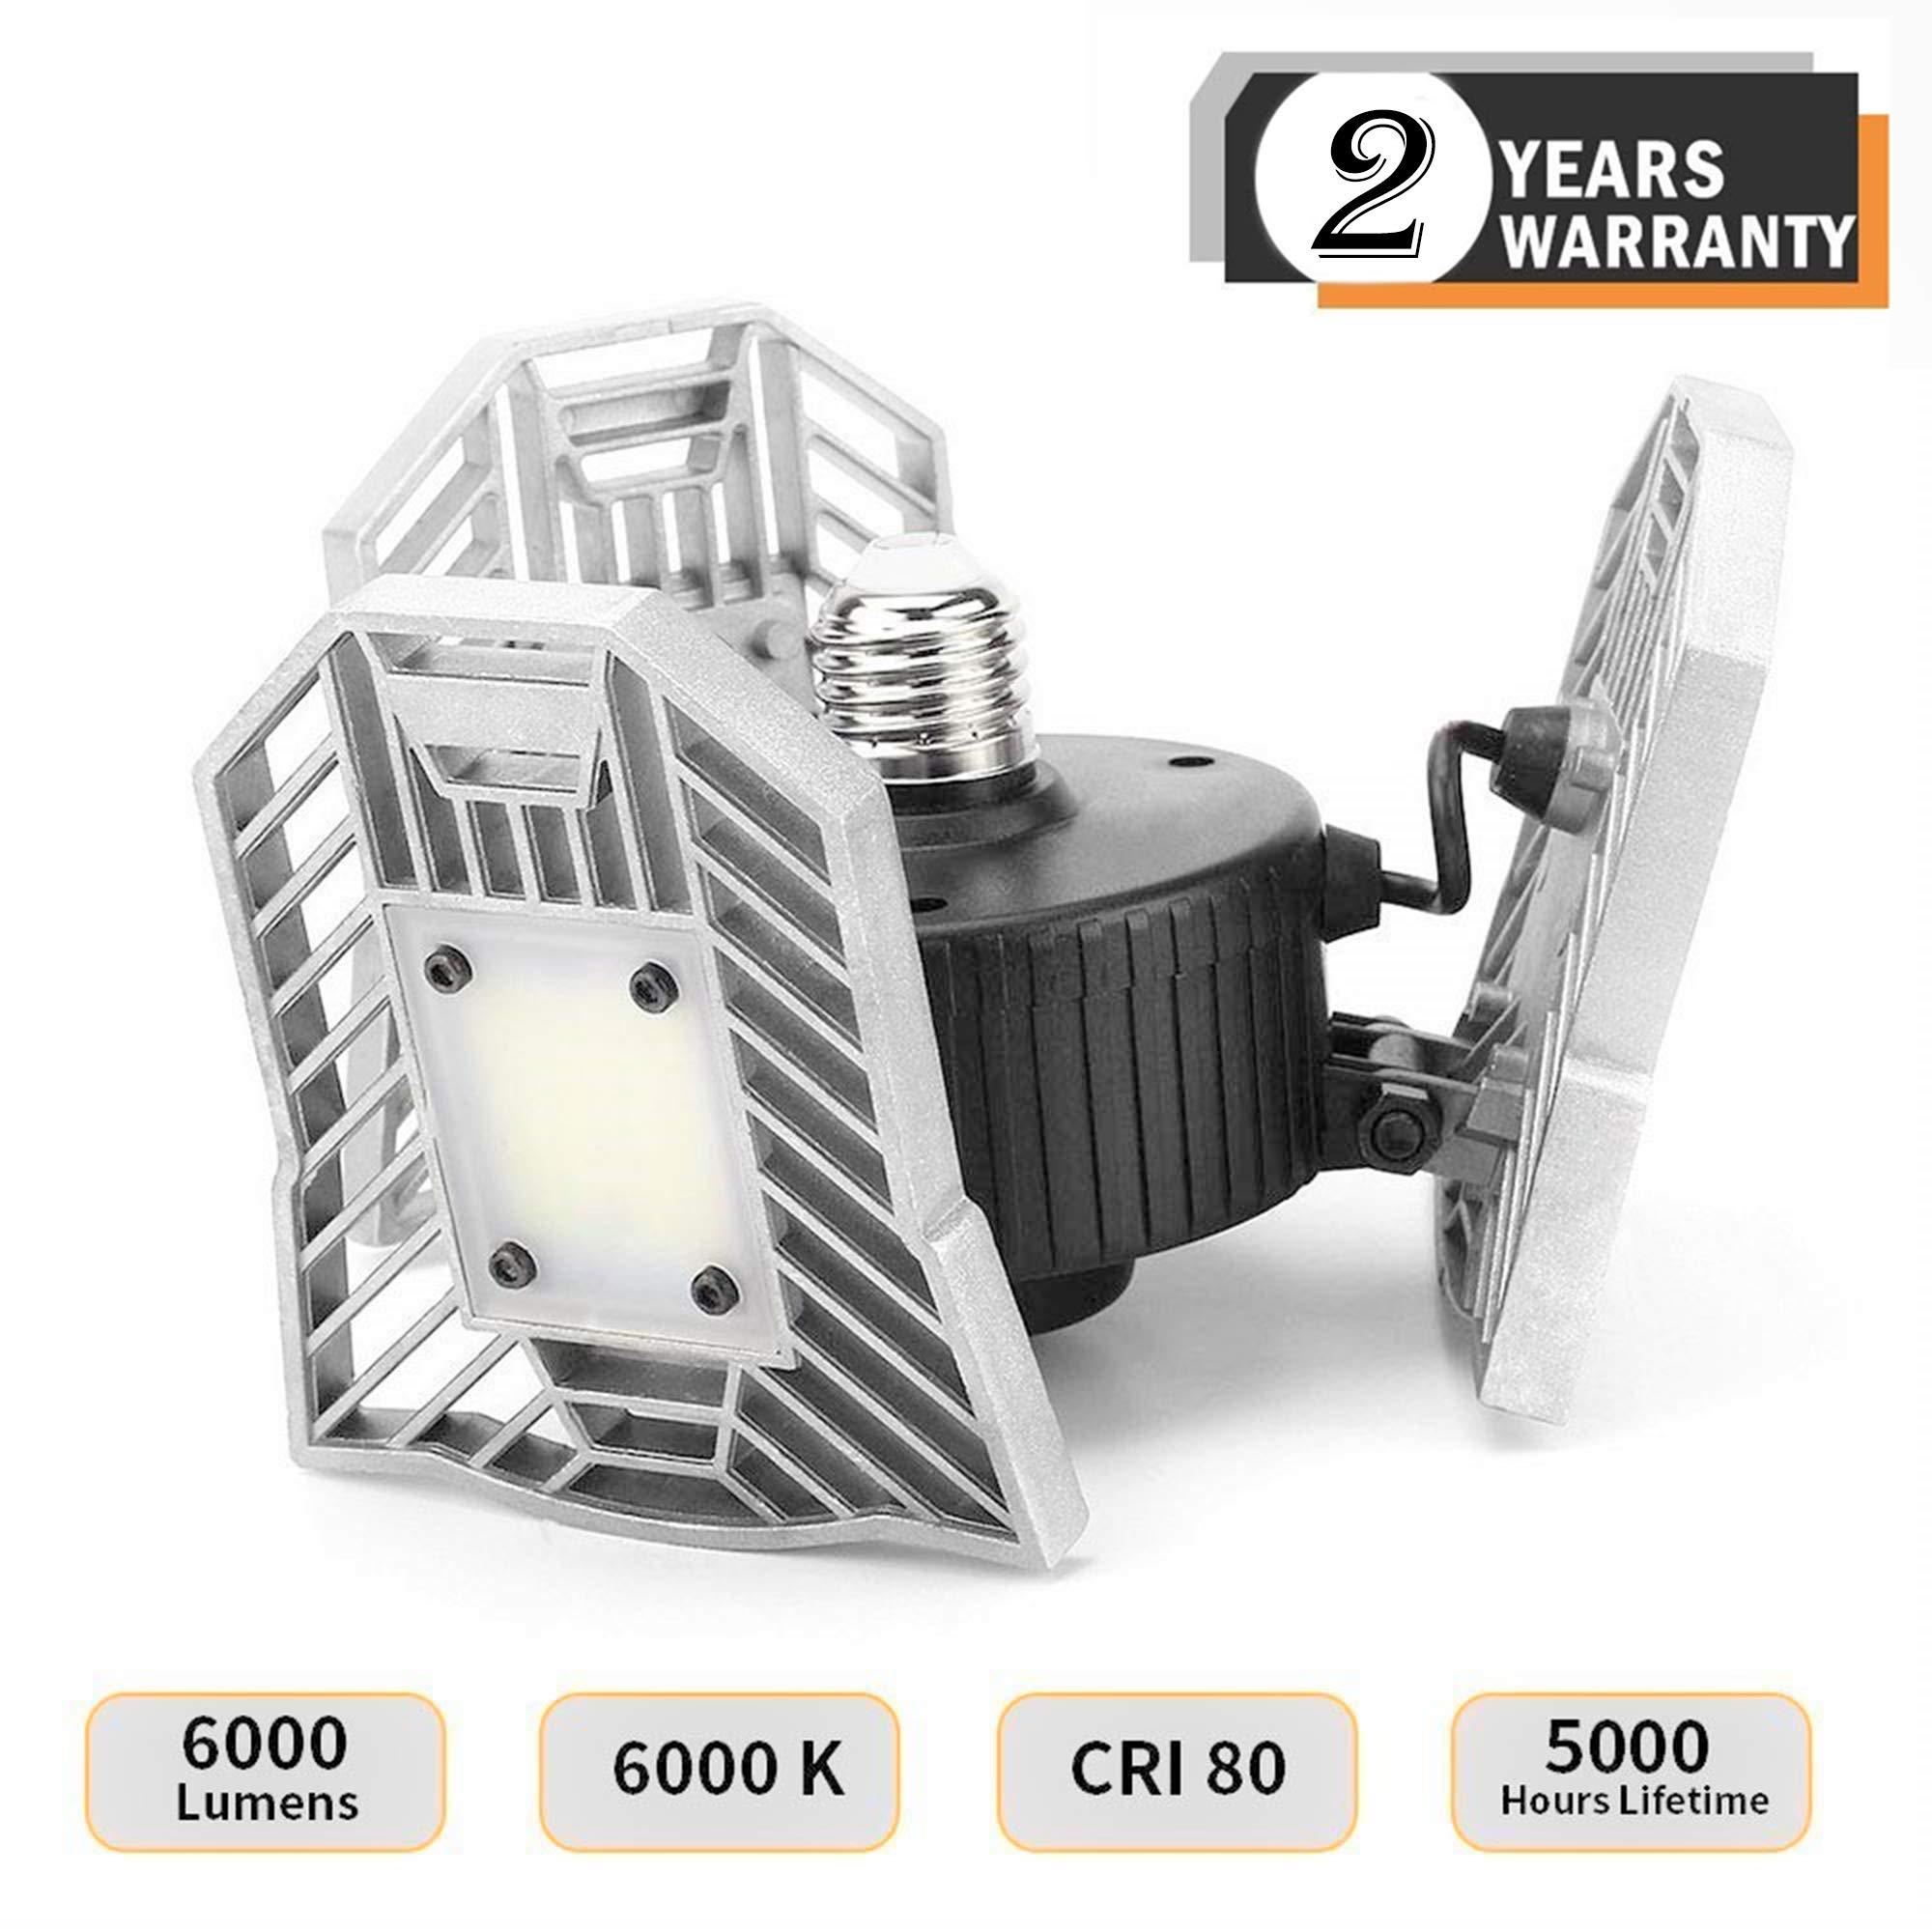 ELIVERN 60W (540W Incandescent Equivalent) Super Bright LED Garage Light, Garage Lights Ceiling, E26/E27 Medium Base, 6000LM 6000K Daylight for Home, Garage, Factory, Workshop, Basement, Warehouse etc